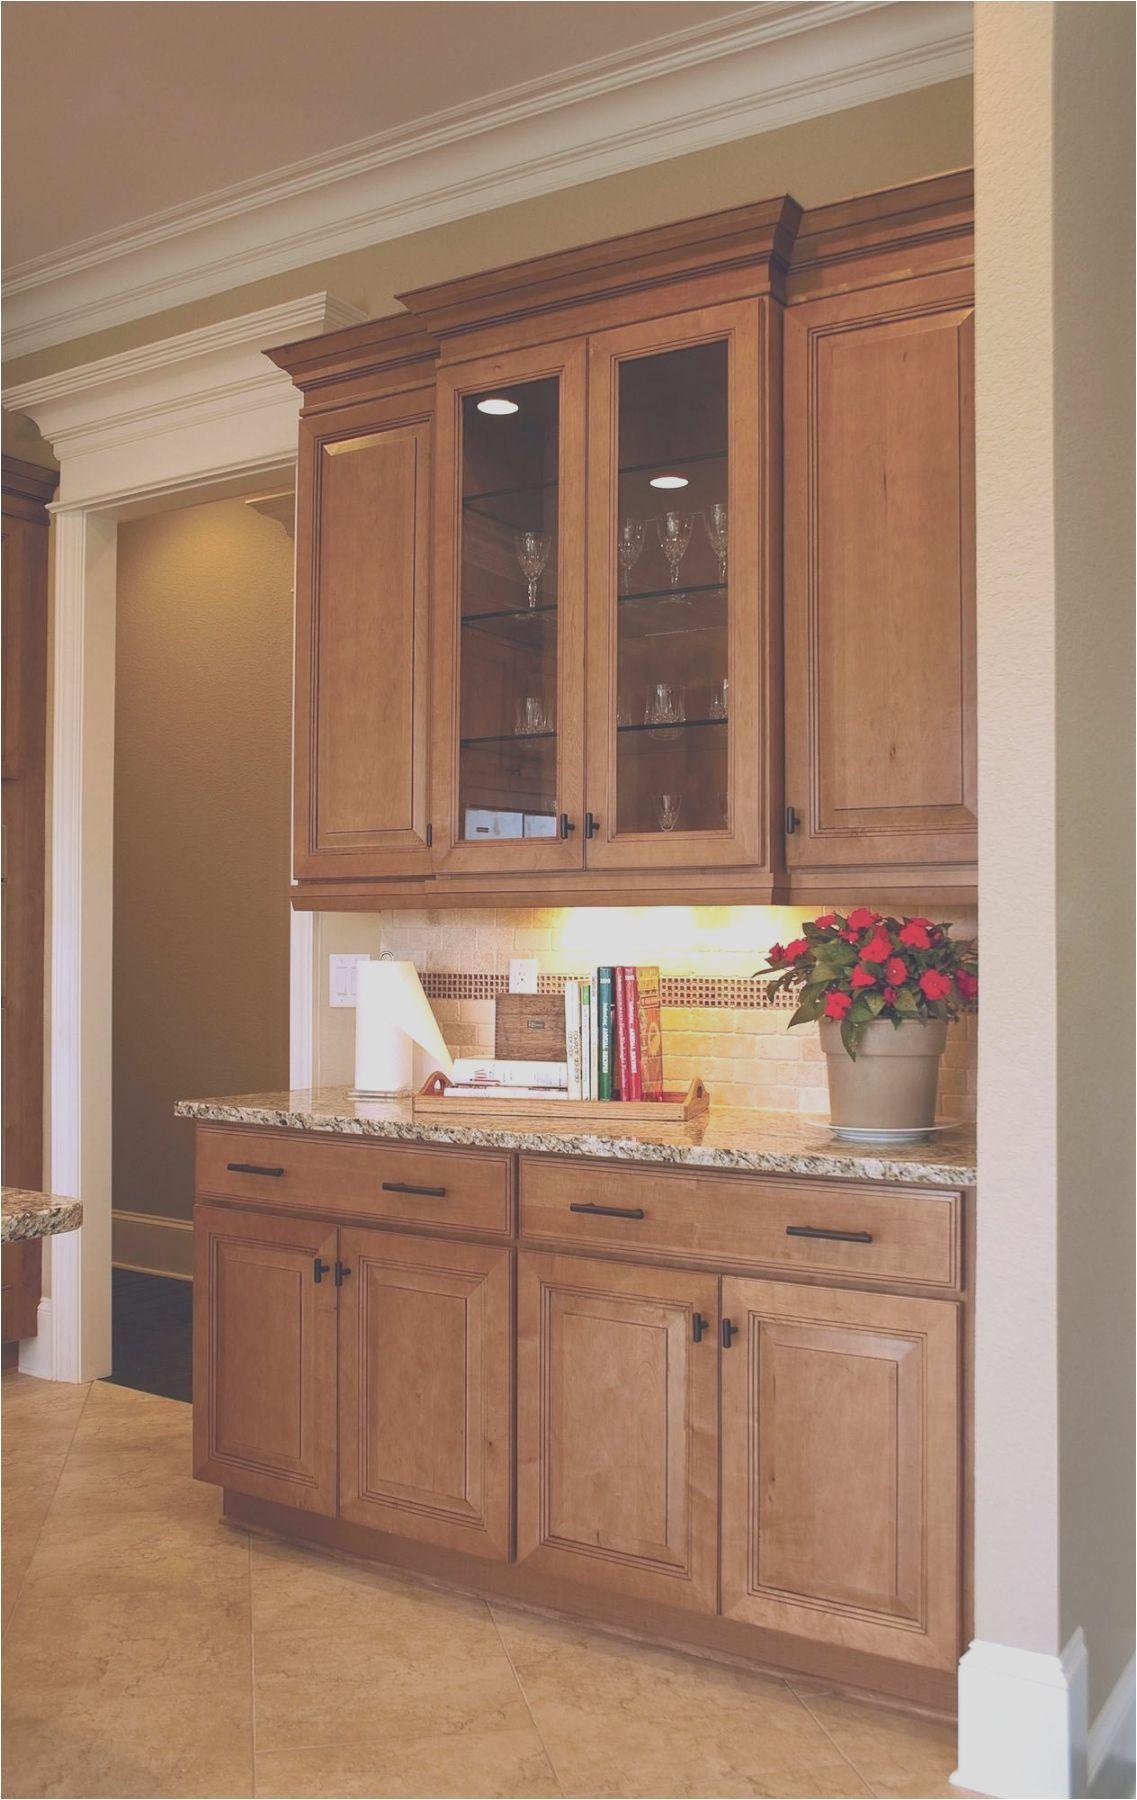 50 Remarkable Kitchen Cabinet Door Replacements Trend Kitchen Cabinet Door Replacement Glass Kitchen Cabinets Luxury Kitchen Cabinets Kitchen Cabinet Doors